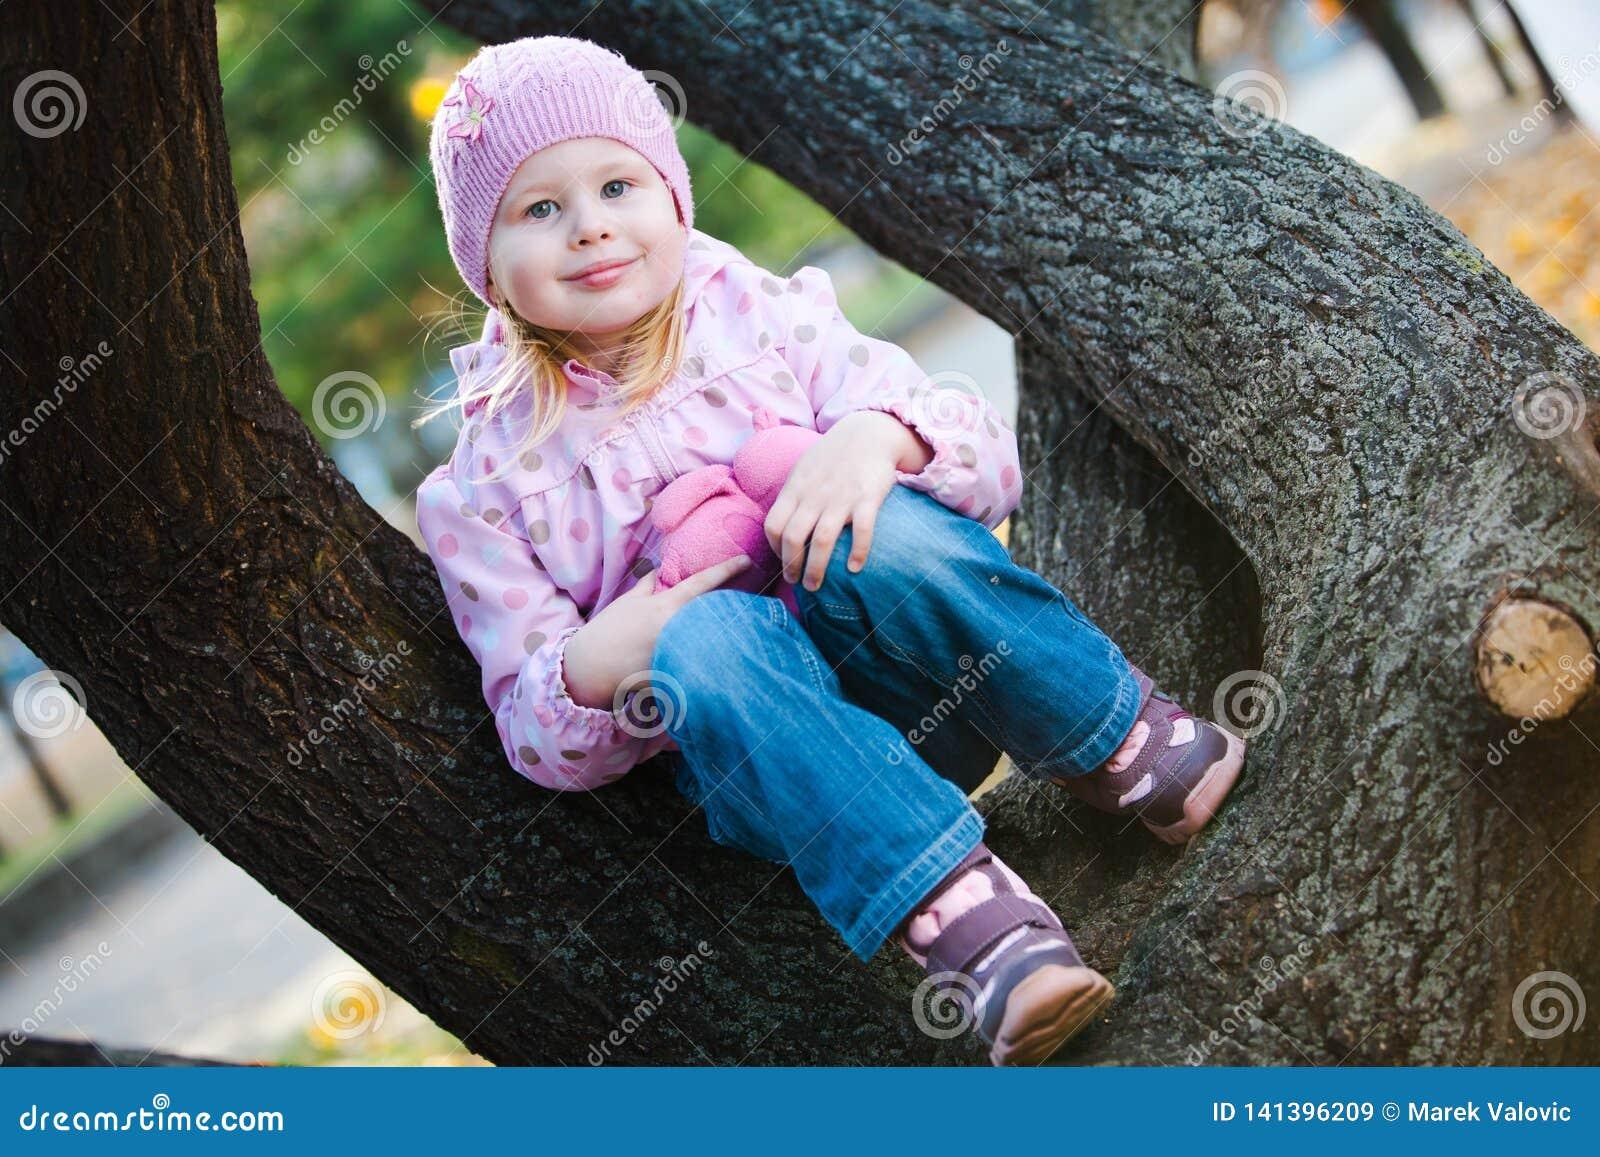 Подросткового возраста девушка сидя с плюшевым мишкой на дереве - пурпурной куртке точек